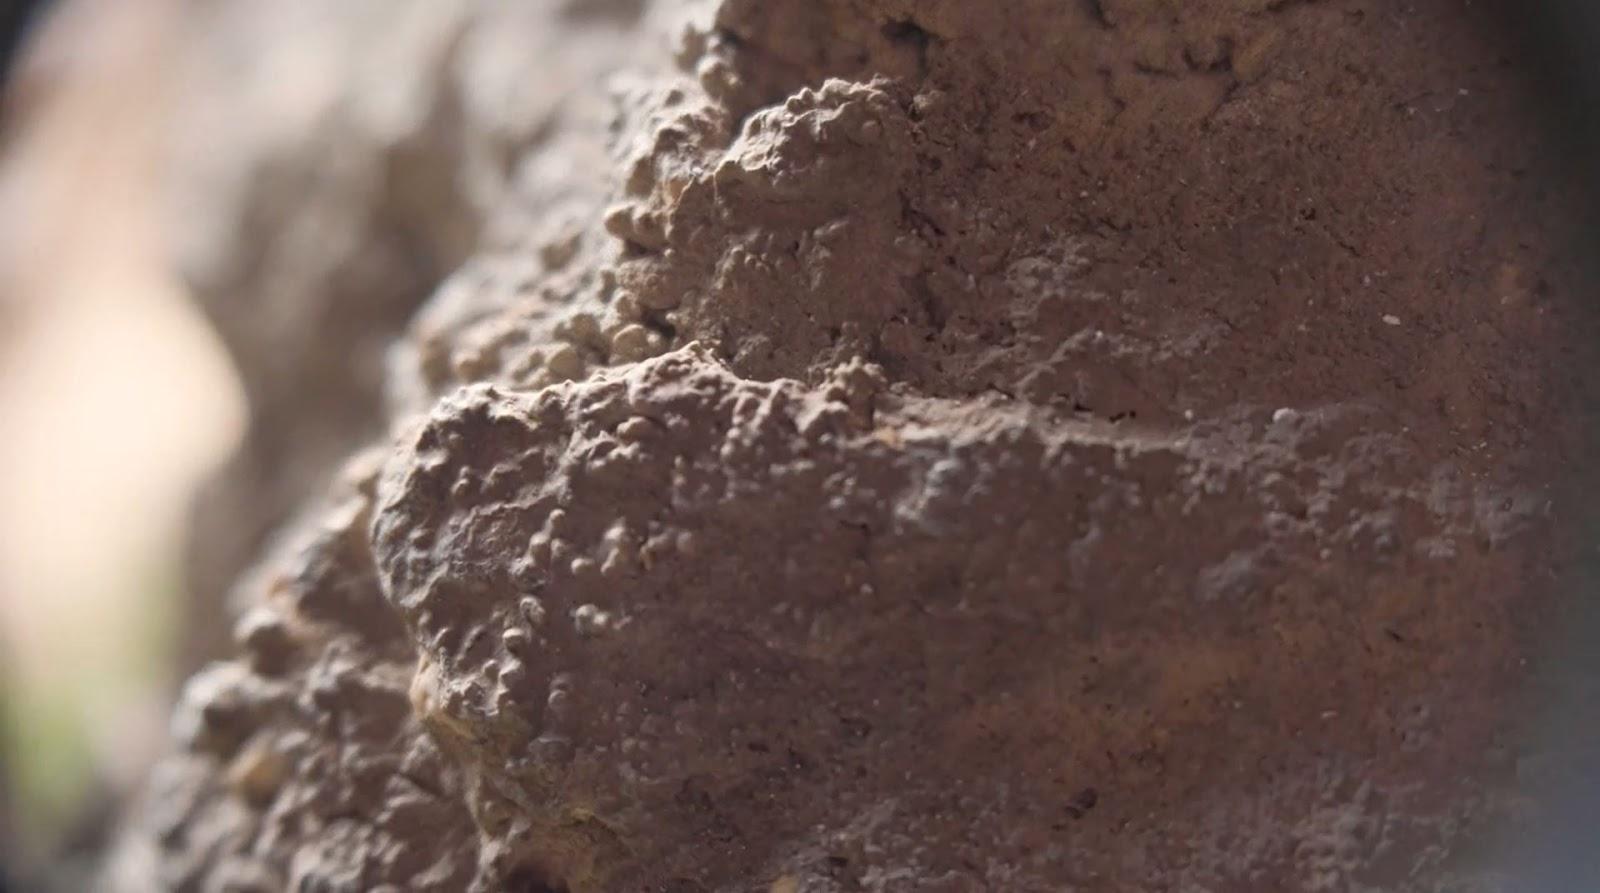 kaya tırmanışı teknikleri köşe/kenar (edge/ledge)